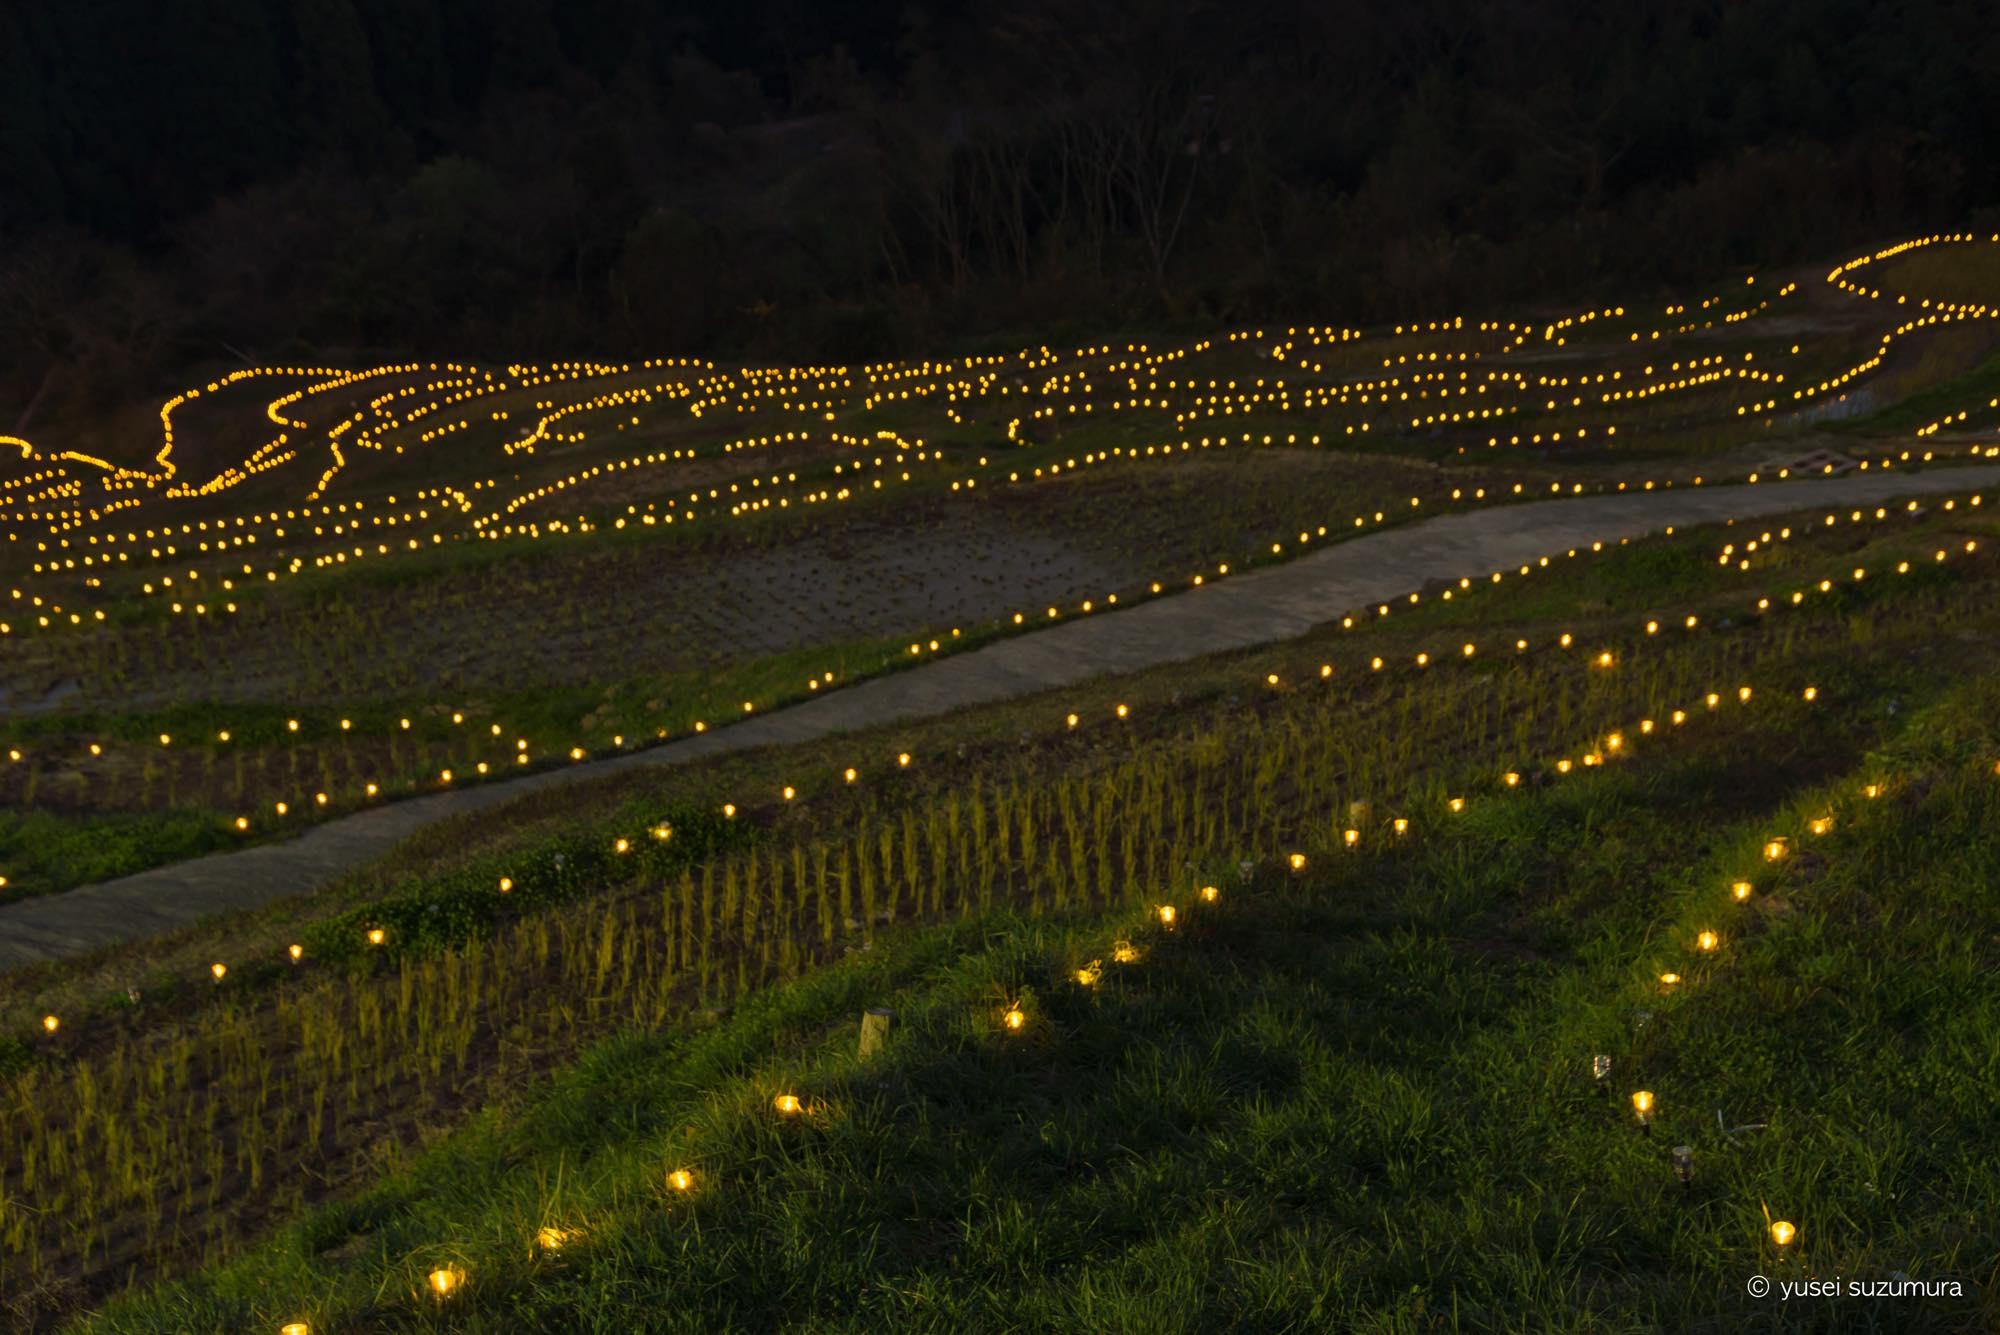 輝く棚田!大山千枚田の棚田のライトアップが幻想的だった。